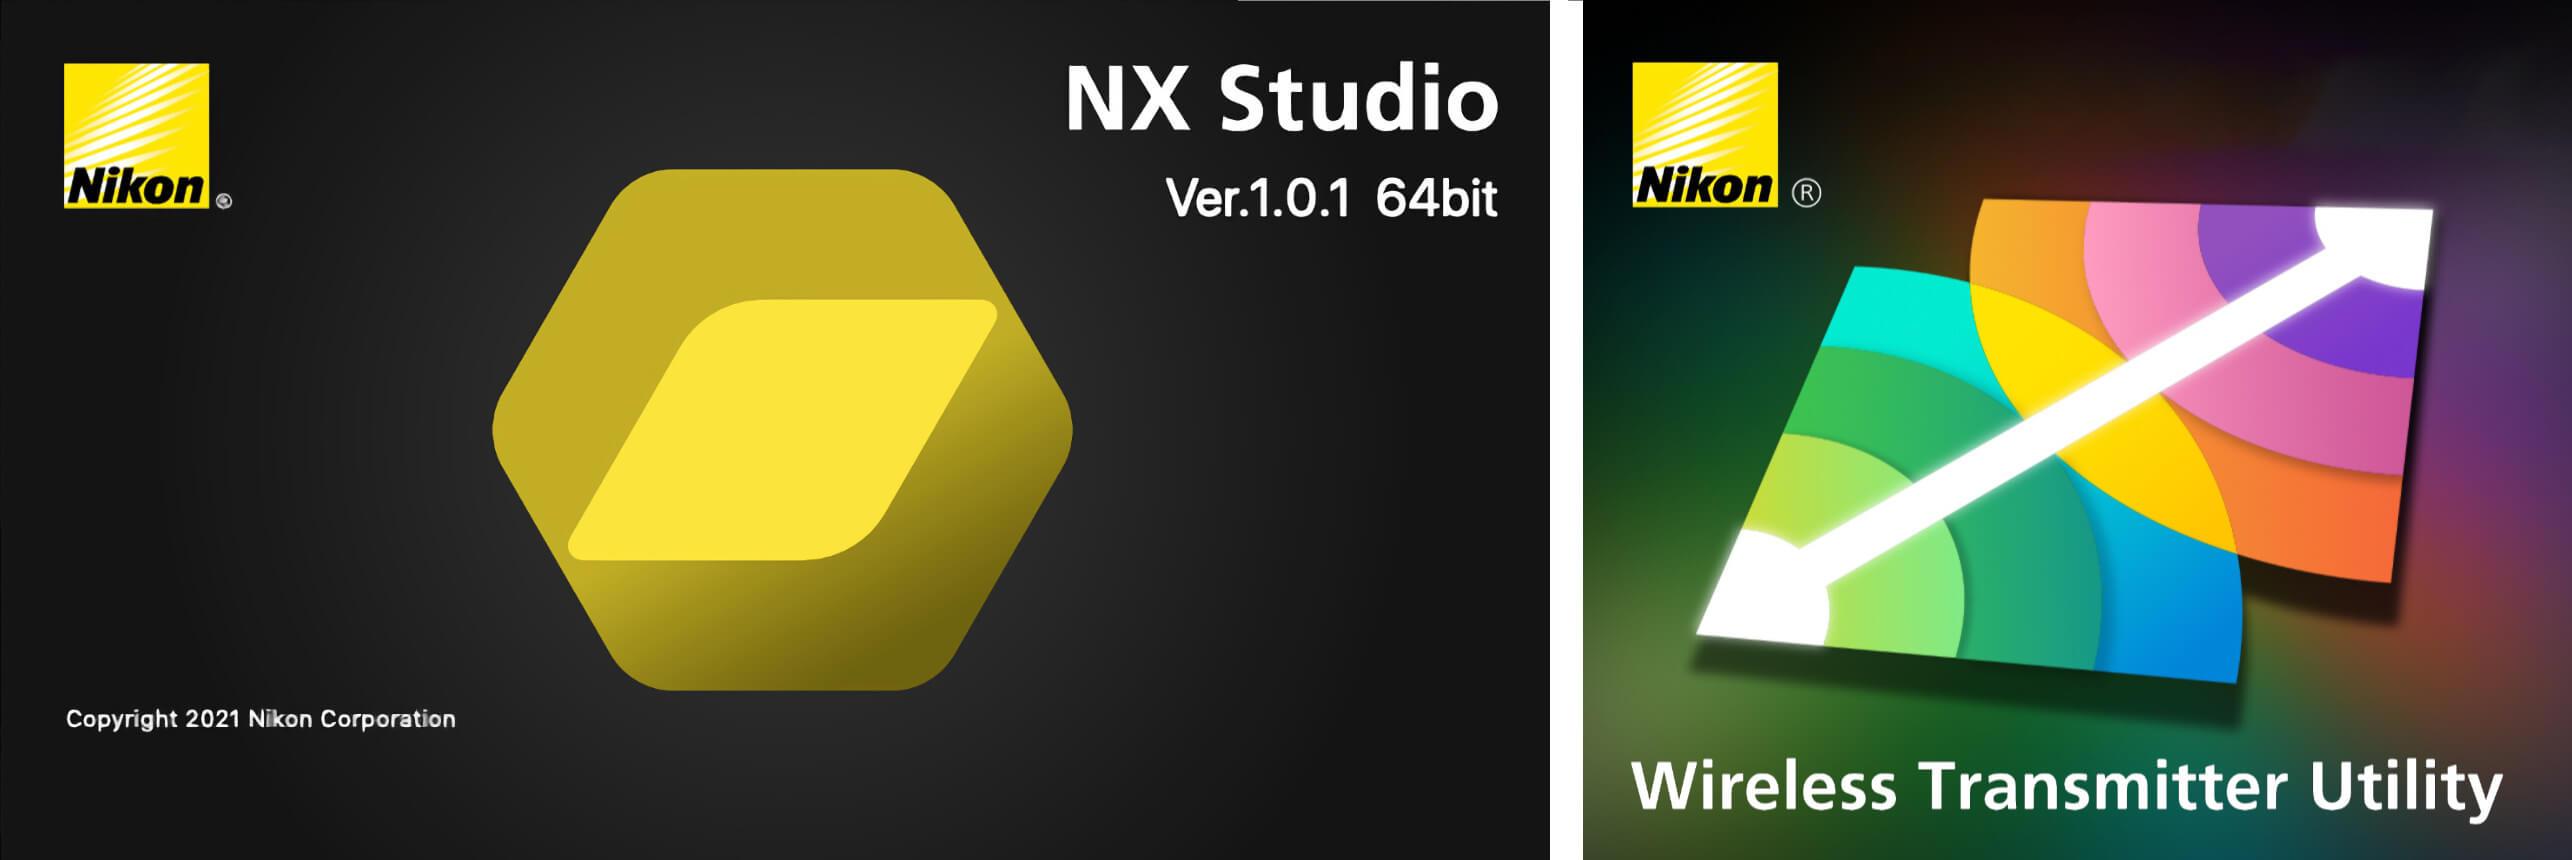 NX Studio aktualizováno na verzi 1.0.1. Instalujte!